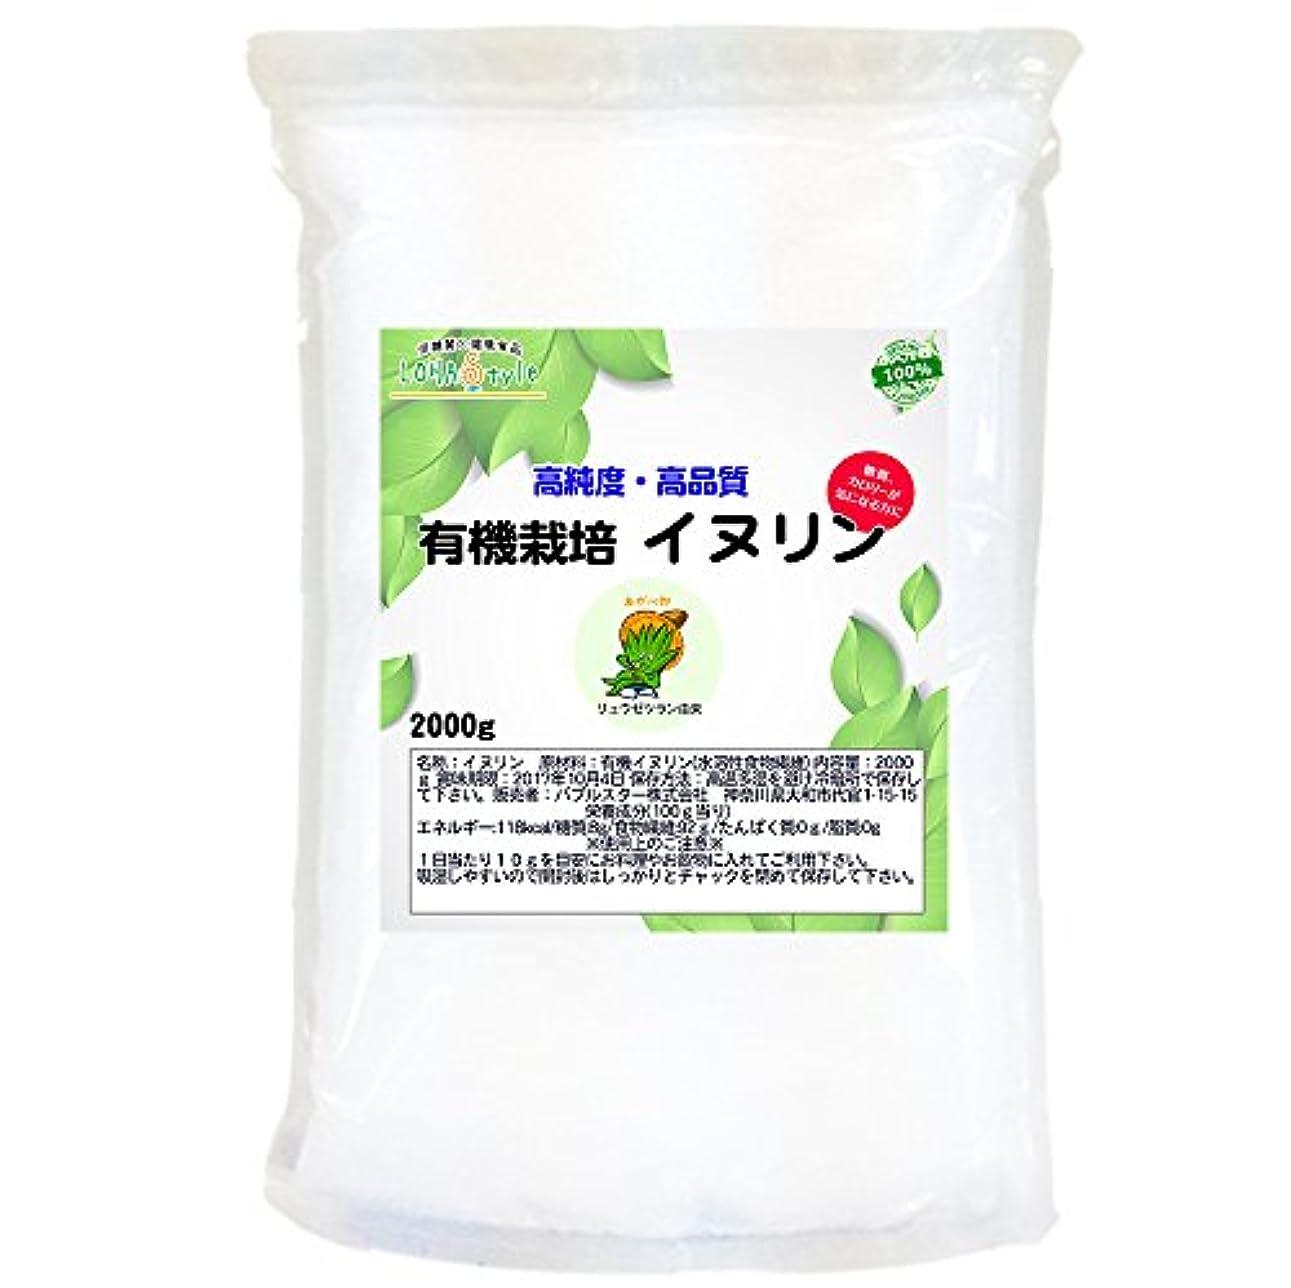 規範球状ポケットLOHAStyle 有機栽培 イヌリン(水溶性食物繊維) 2kg【200日分】